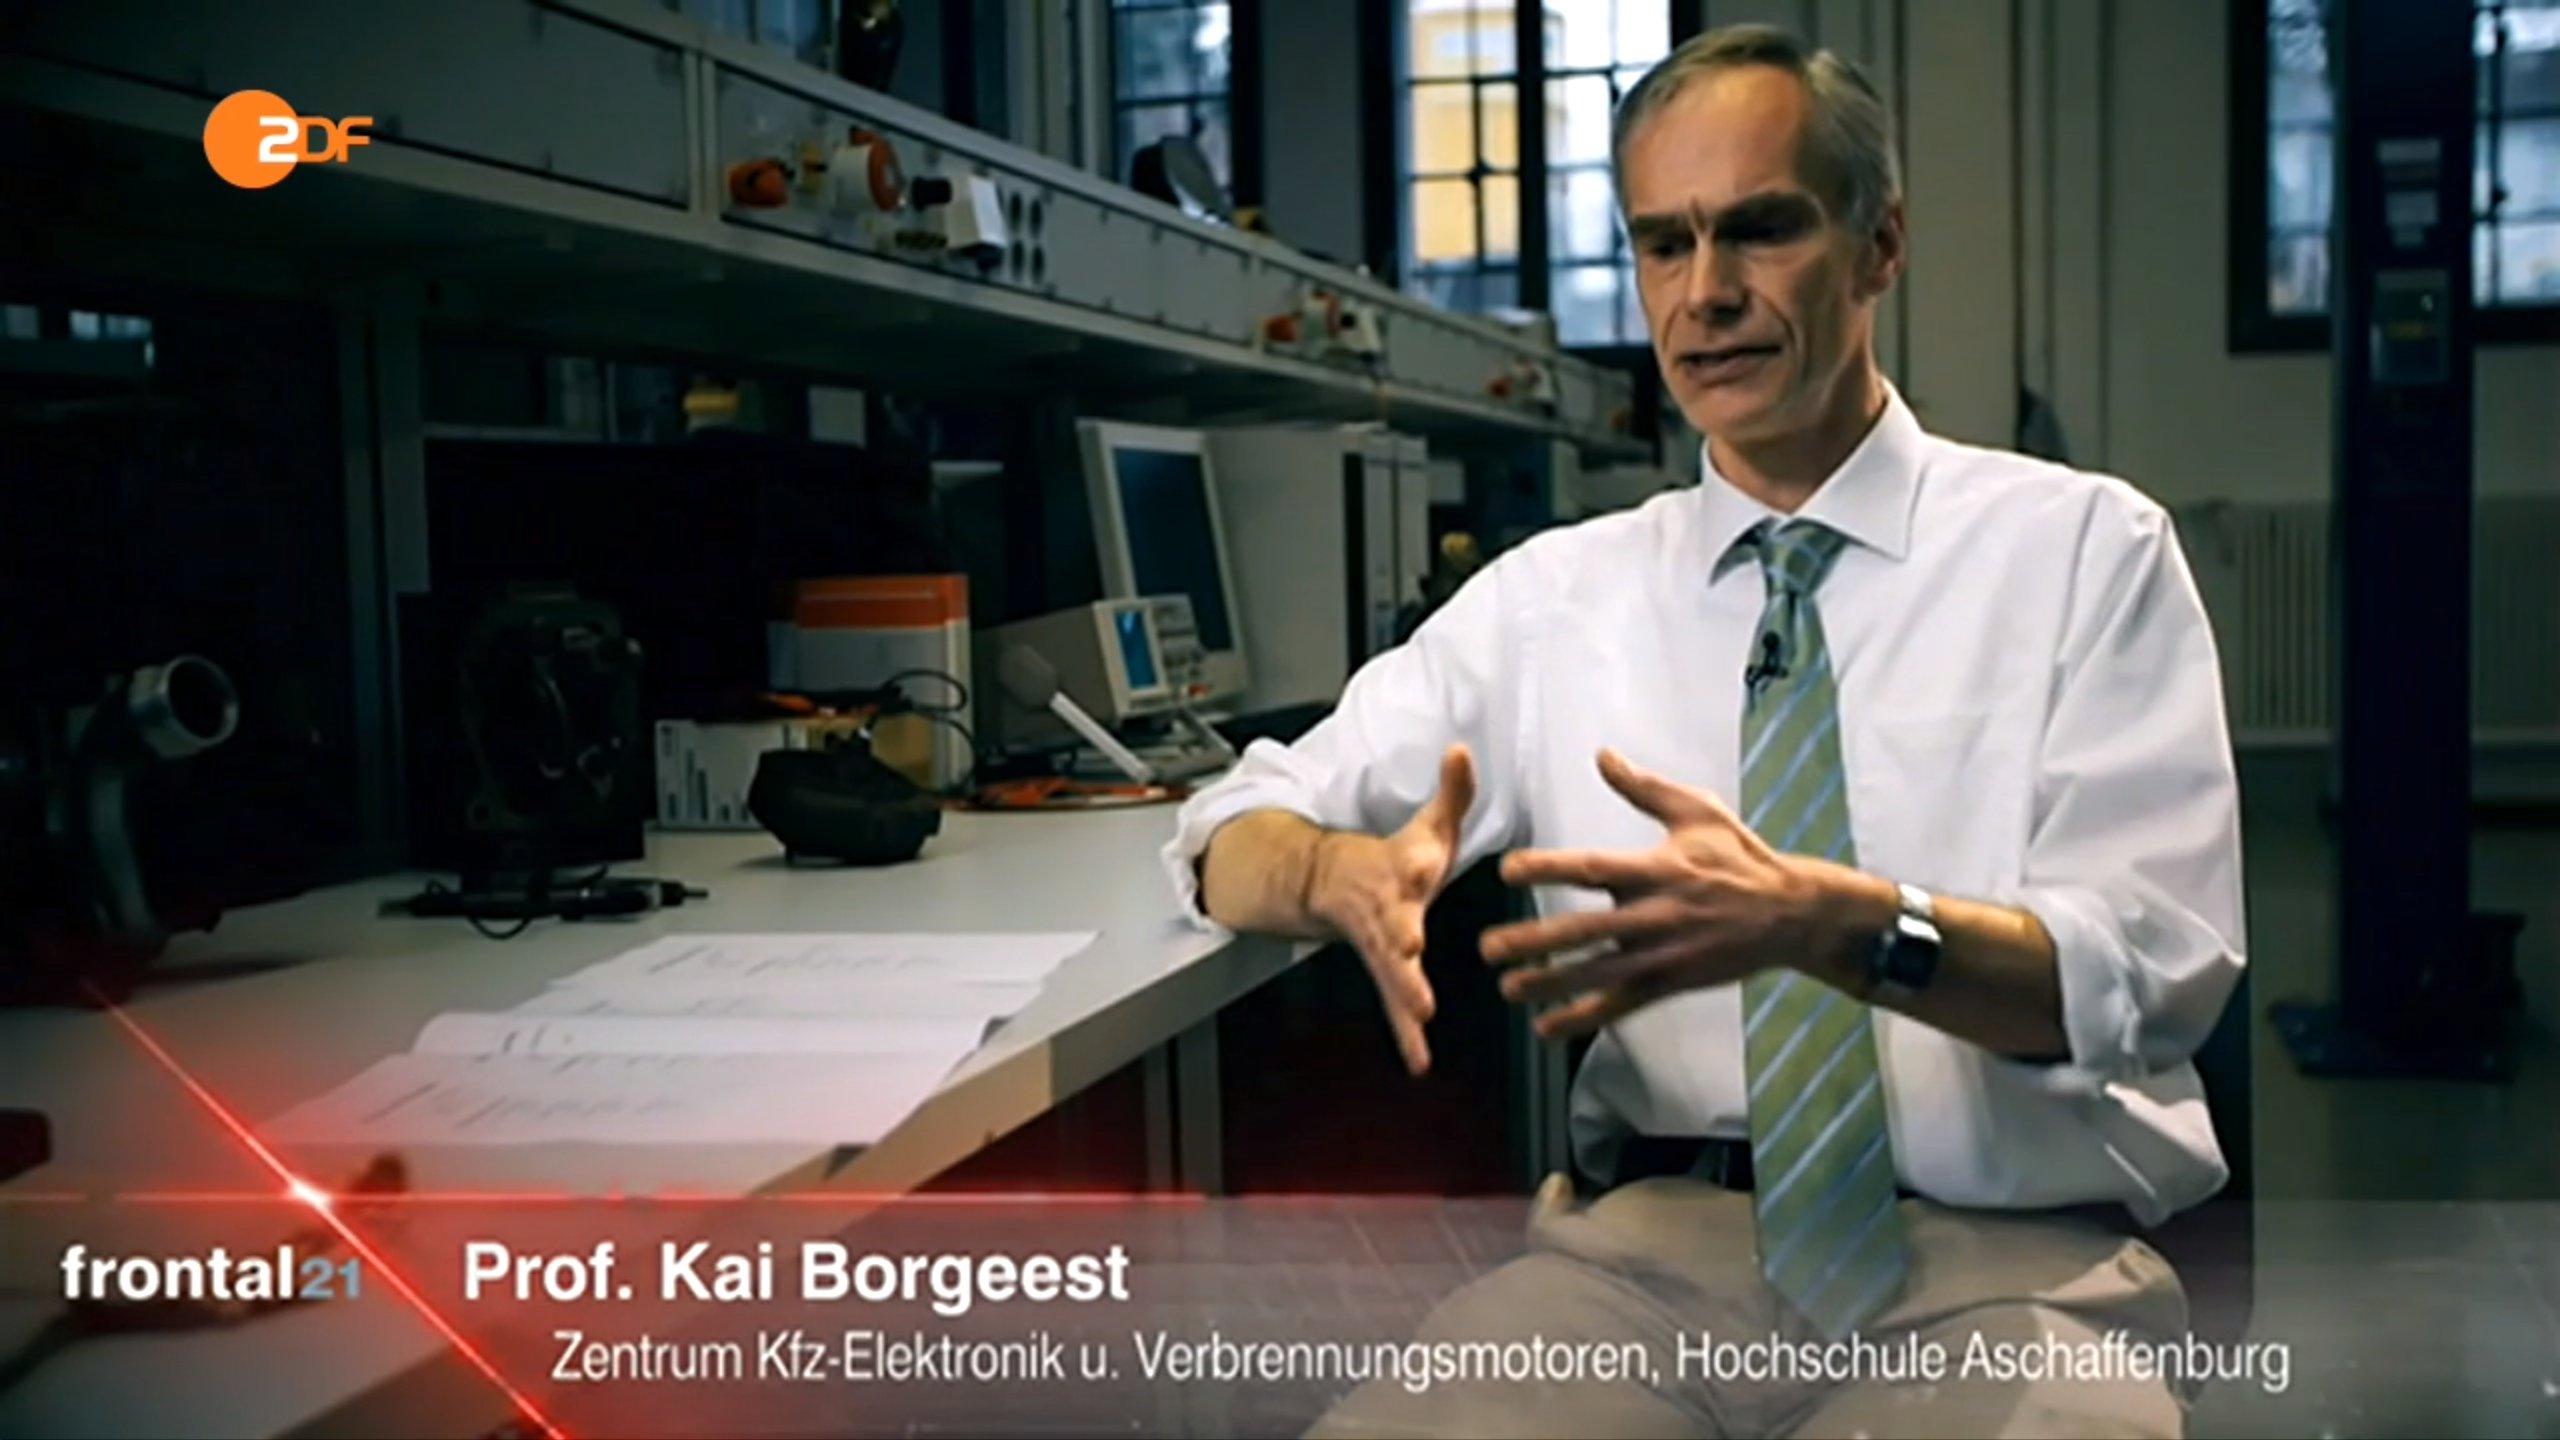 """Kai Borgeest, Professor am Zentrum für Kfz-Elektronik der Universität Aschaffenburg: """"Technisch ist es denkbar, dass auch die anderen Hersteller, die getestet wurden, Abschaltvorrichtungen in unterschiedlicher Art und Weise verwendet haben."""